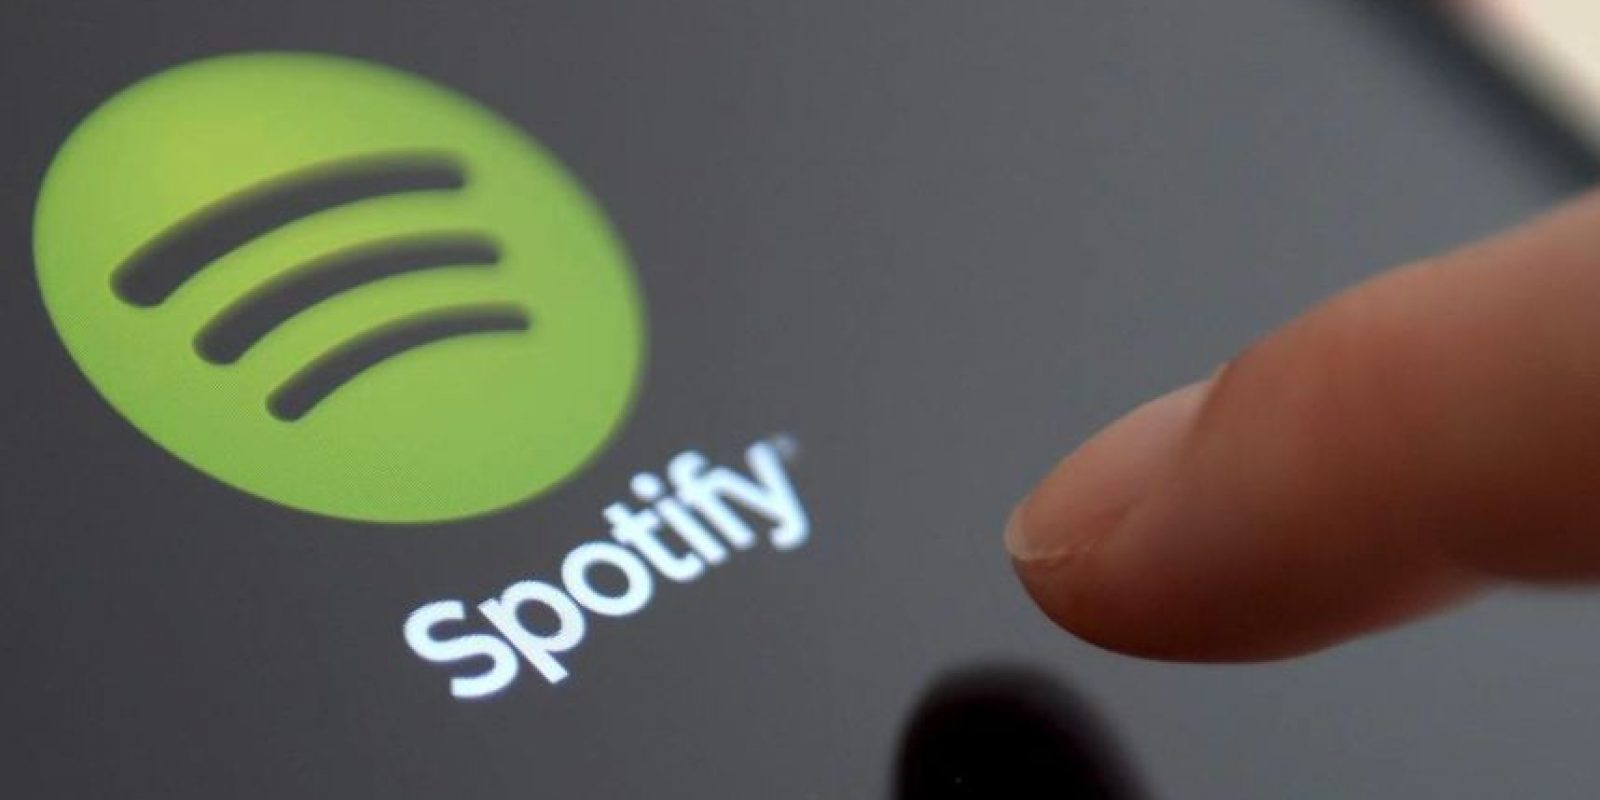 Las 10 mejores canciones para tener intimidad, según Spotify. Foto:Spotify